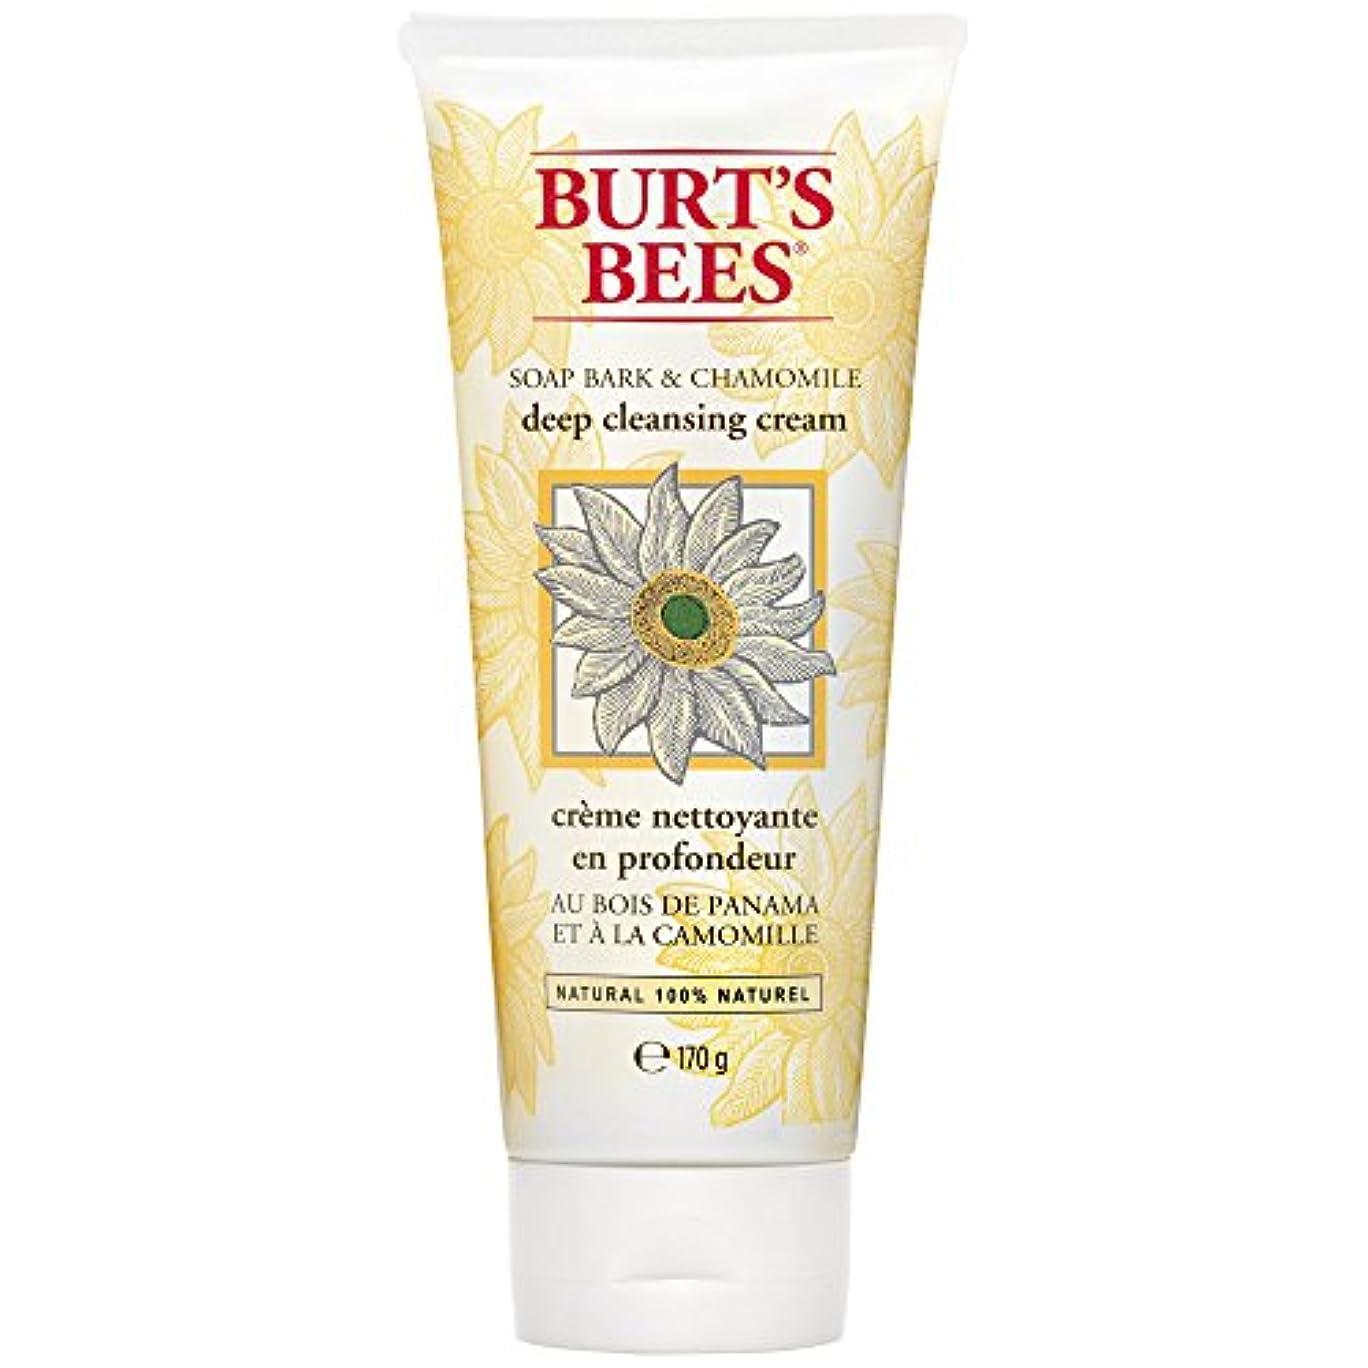 がんばり続ける仕える極小バートのBees?ソープバーク??&カモミールディープクレンジングクリーム170グラム (Burt's Bees) (x2) - Burt's Bees? Soap Bark & Chamomile Deep Cleansing...